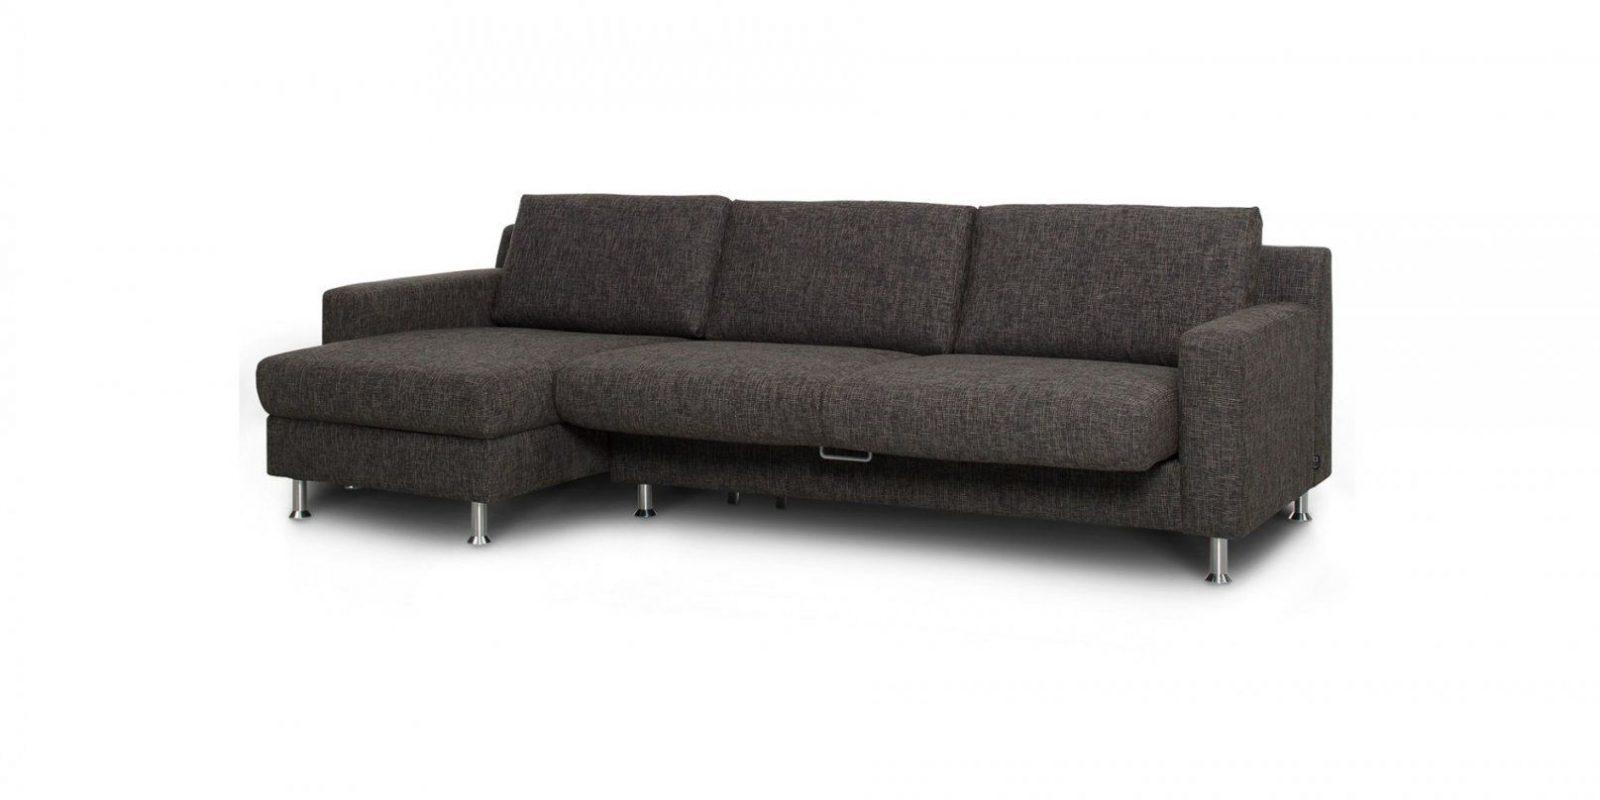 Oben Sofa Flexplus Individueller Baukasten Ewald Schillig Brand Für von Flex Plus Ewald Schillig Bild